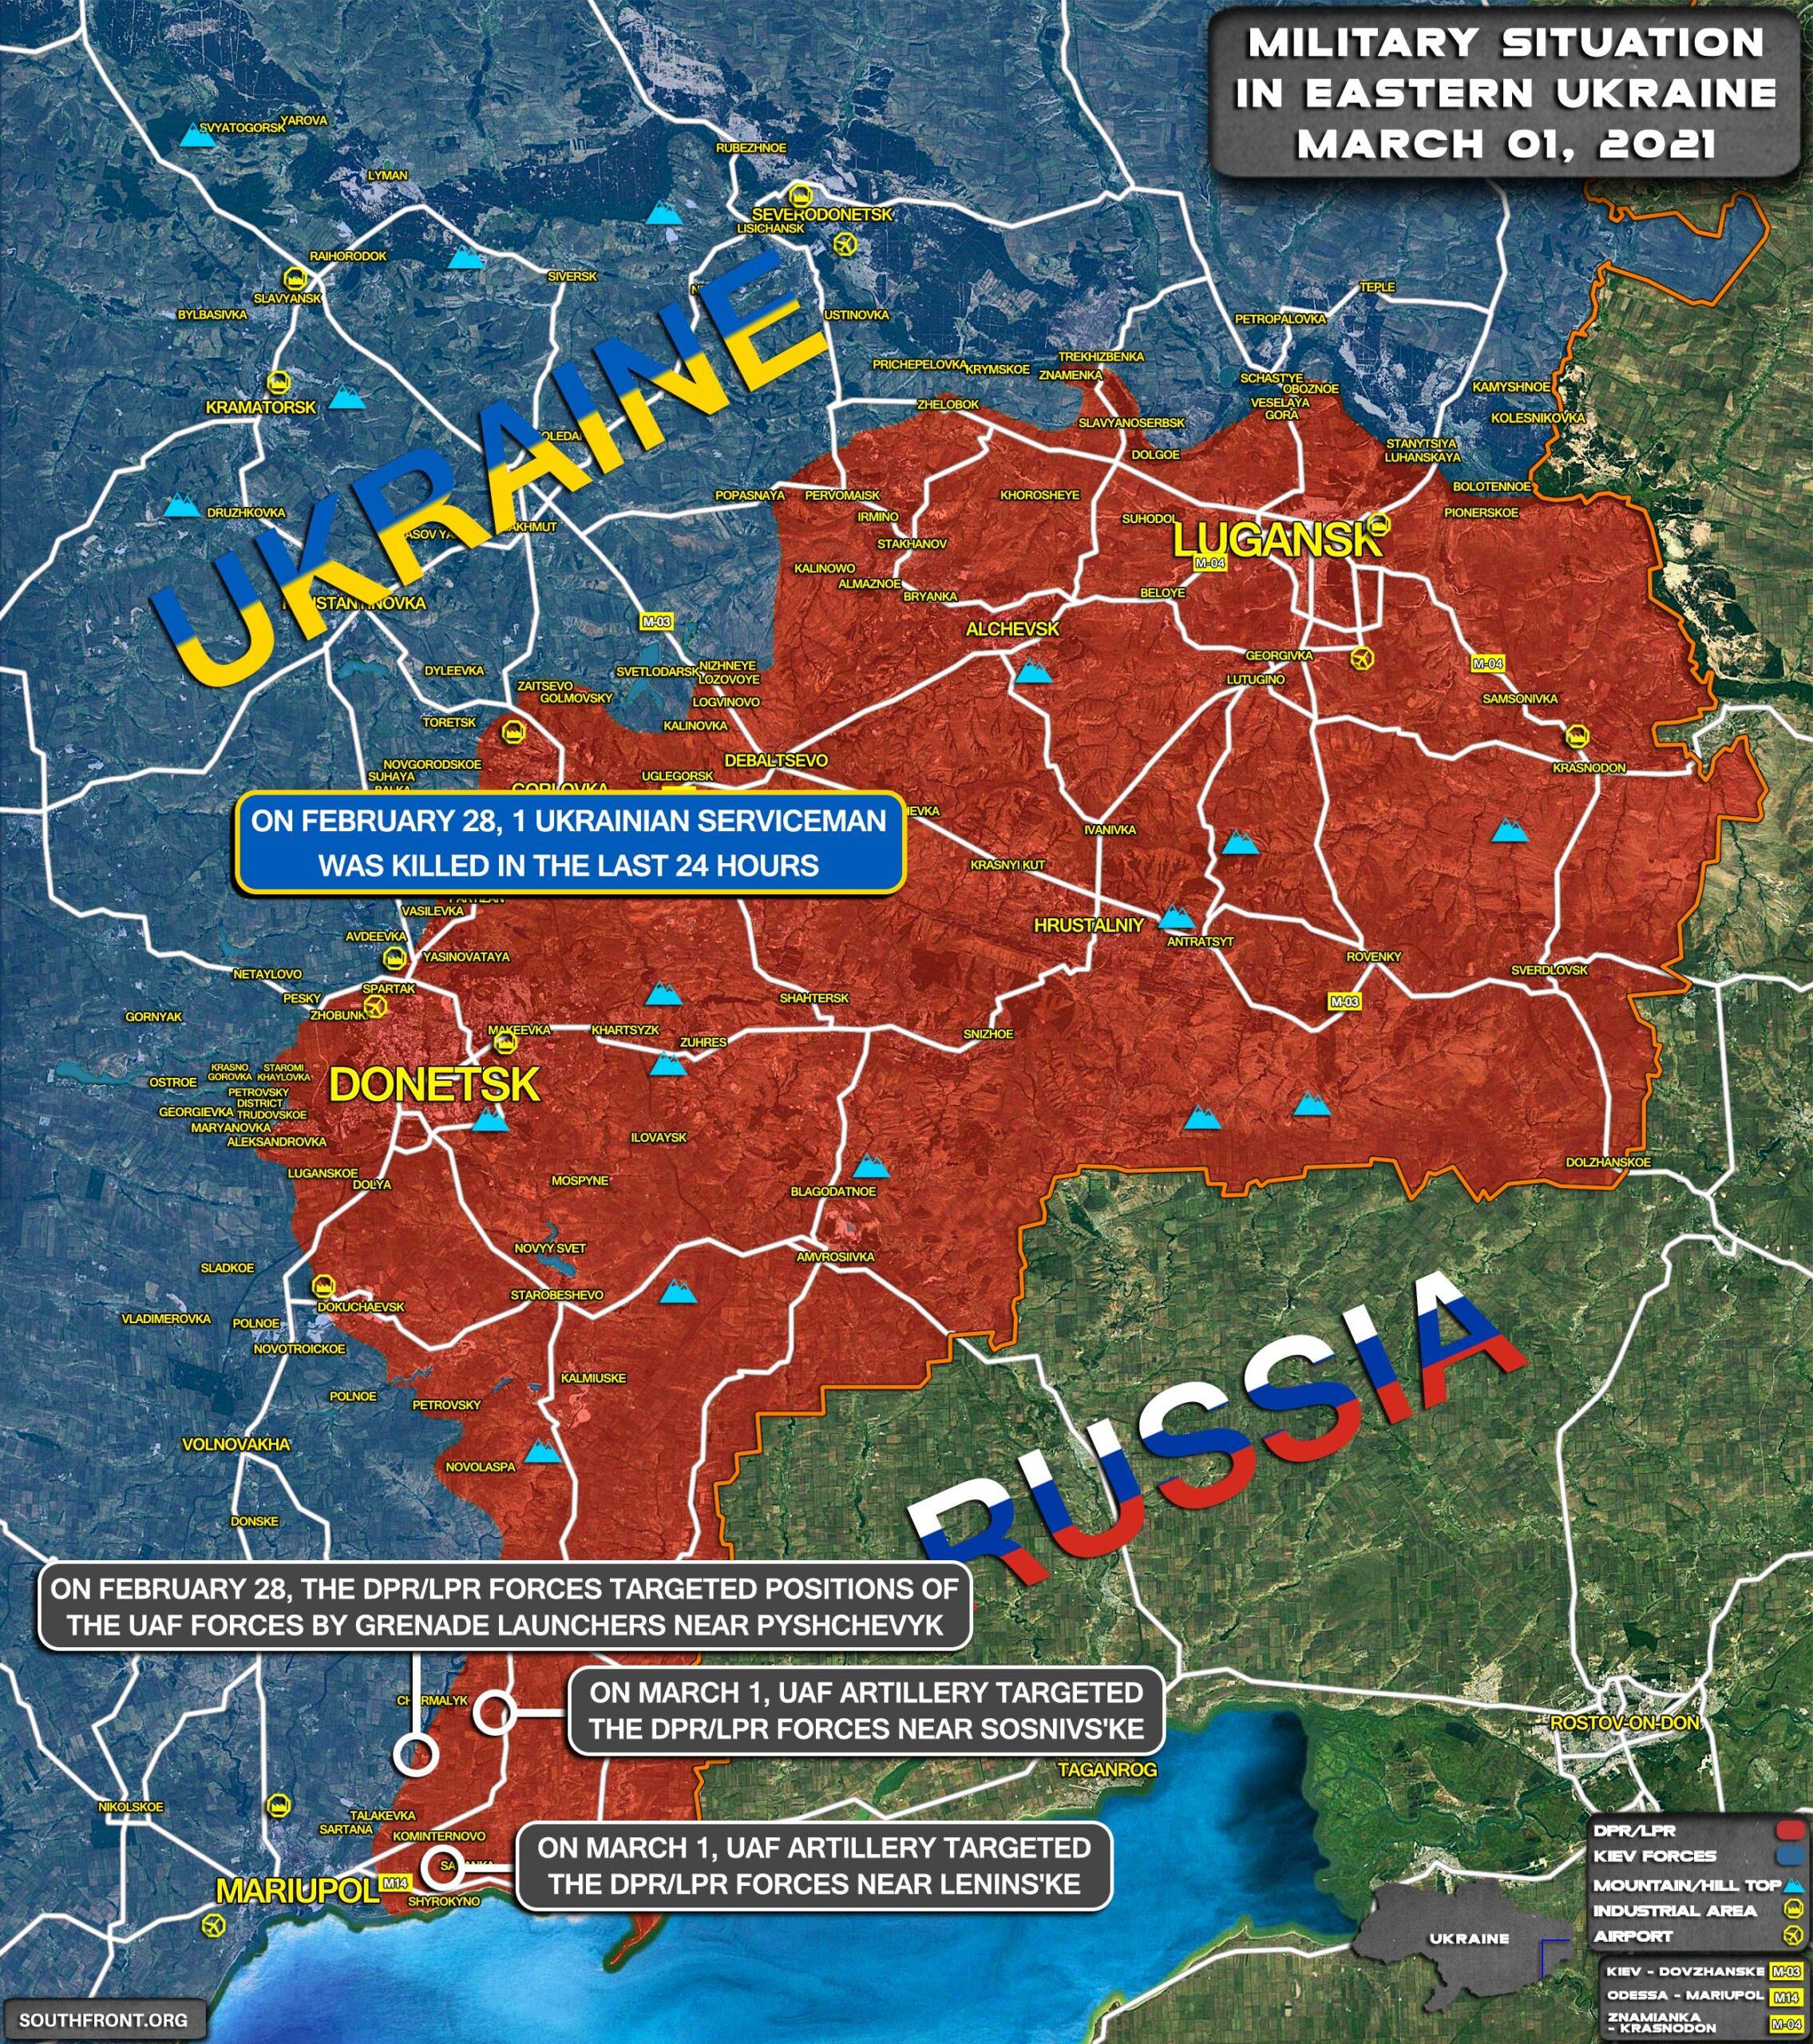 Kiev Dead Set On Escalating Eastern Ukraine